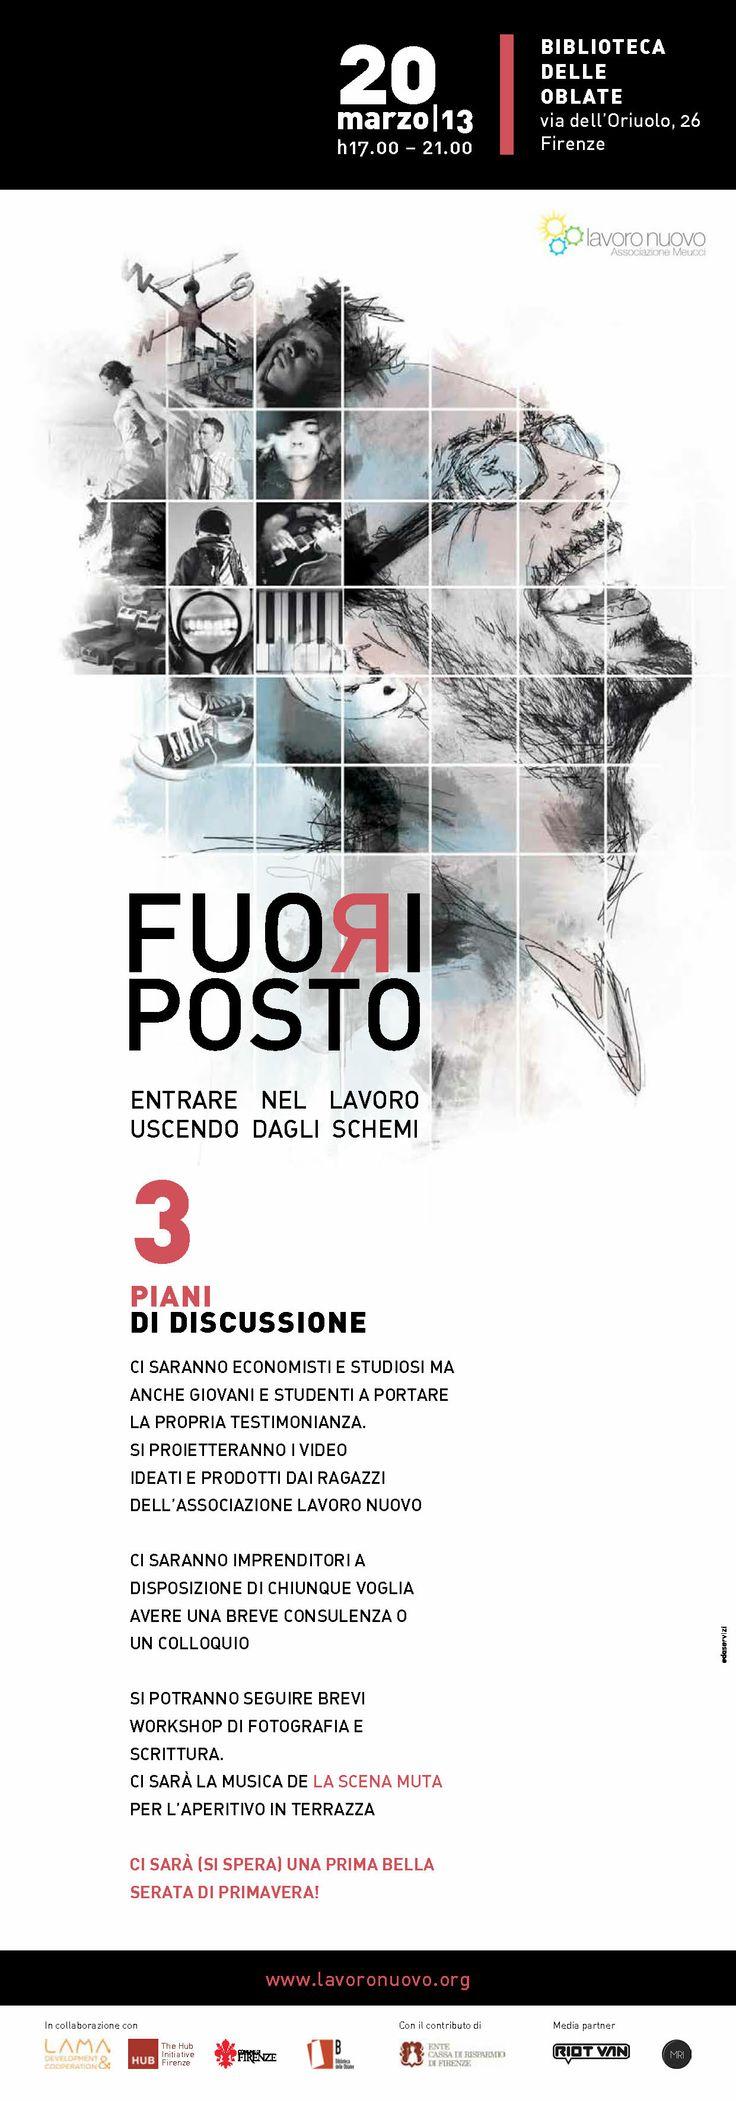 Fuoriposto   Locandina evento 20 marzo 2013